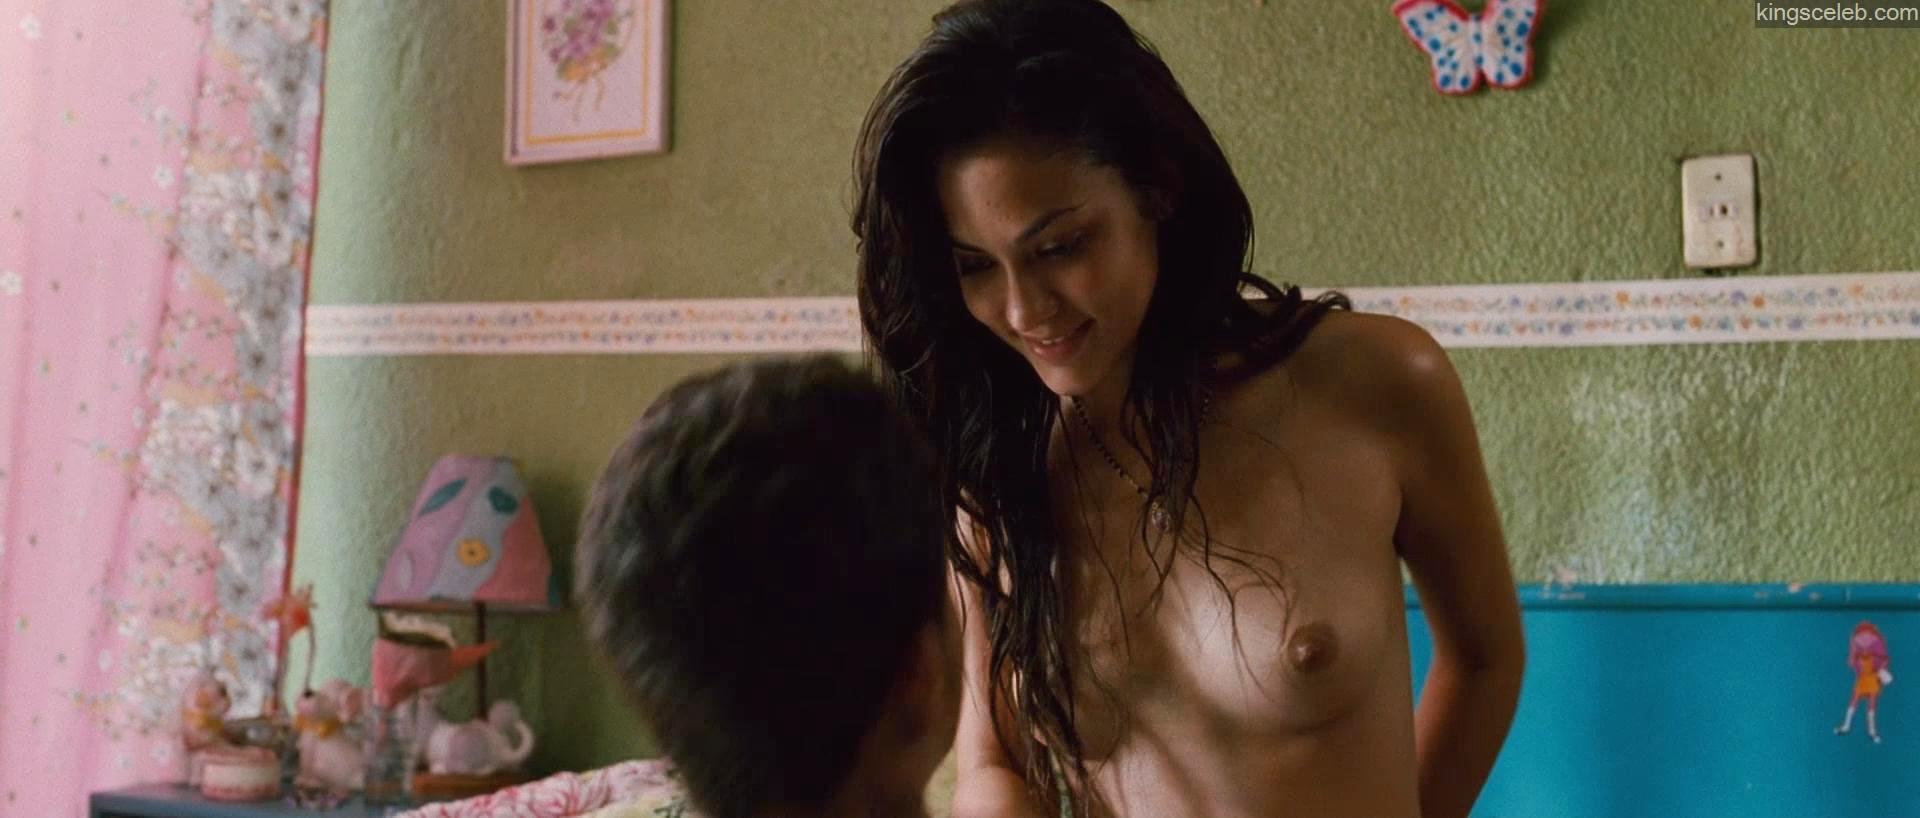 Diana García Nude